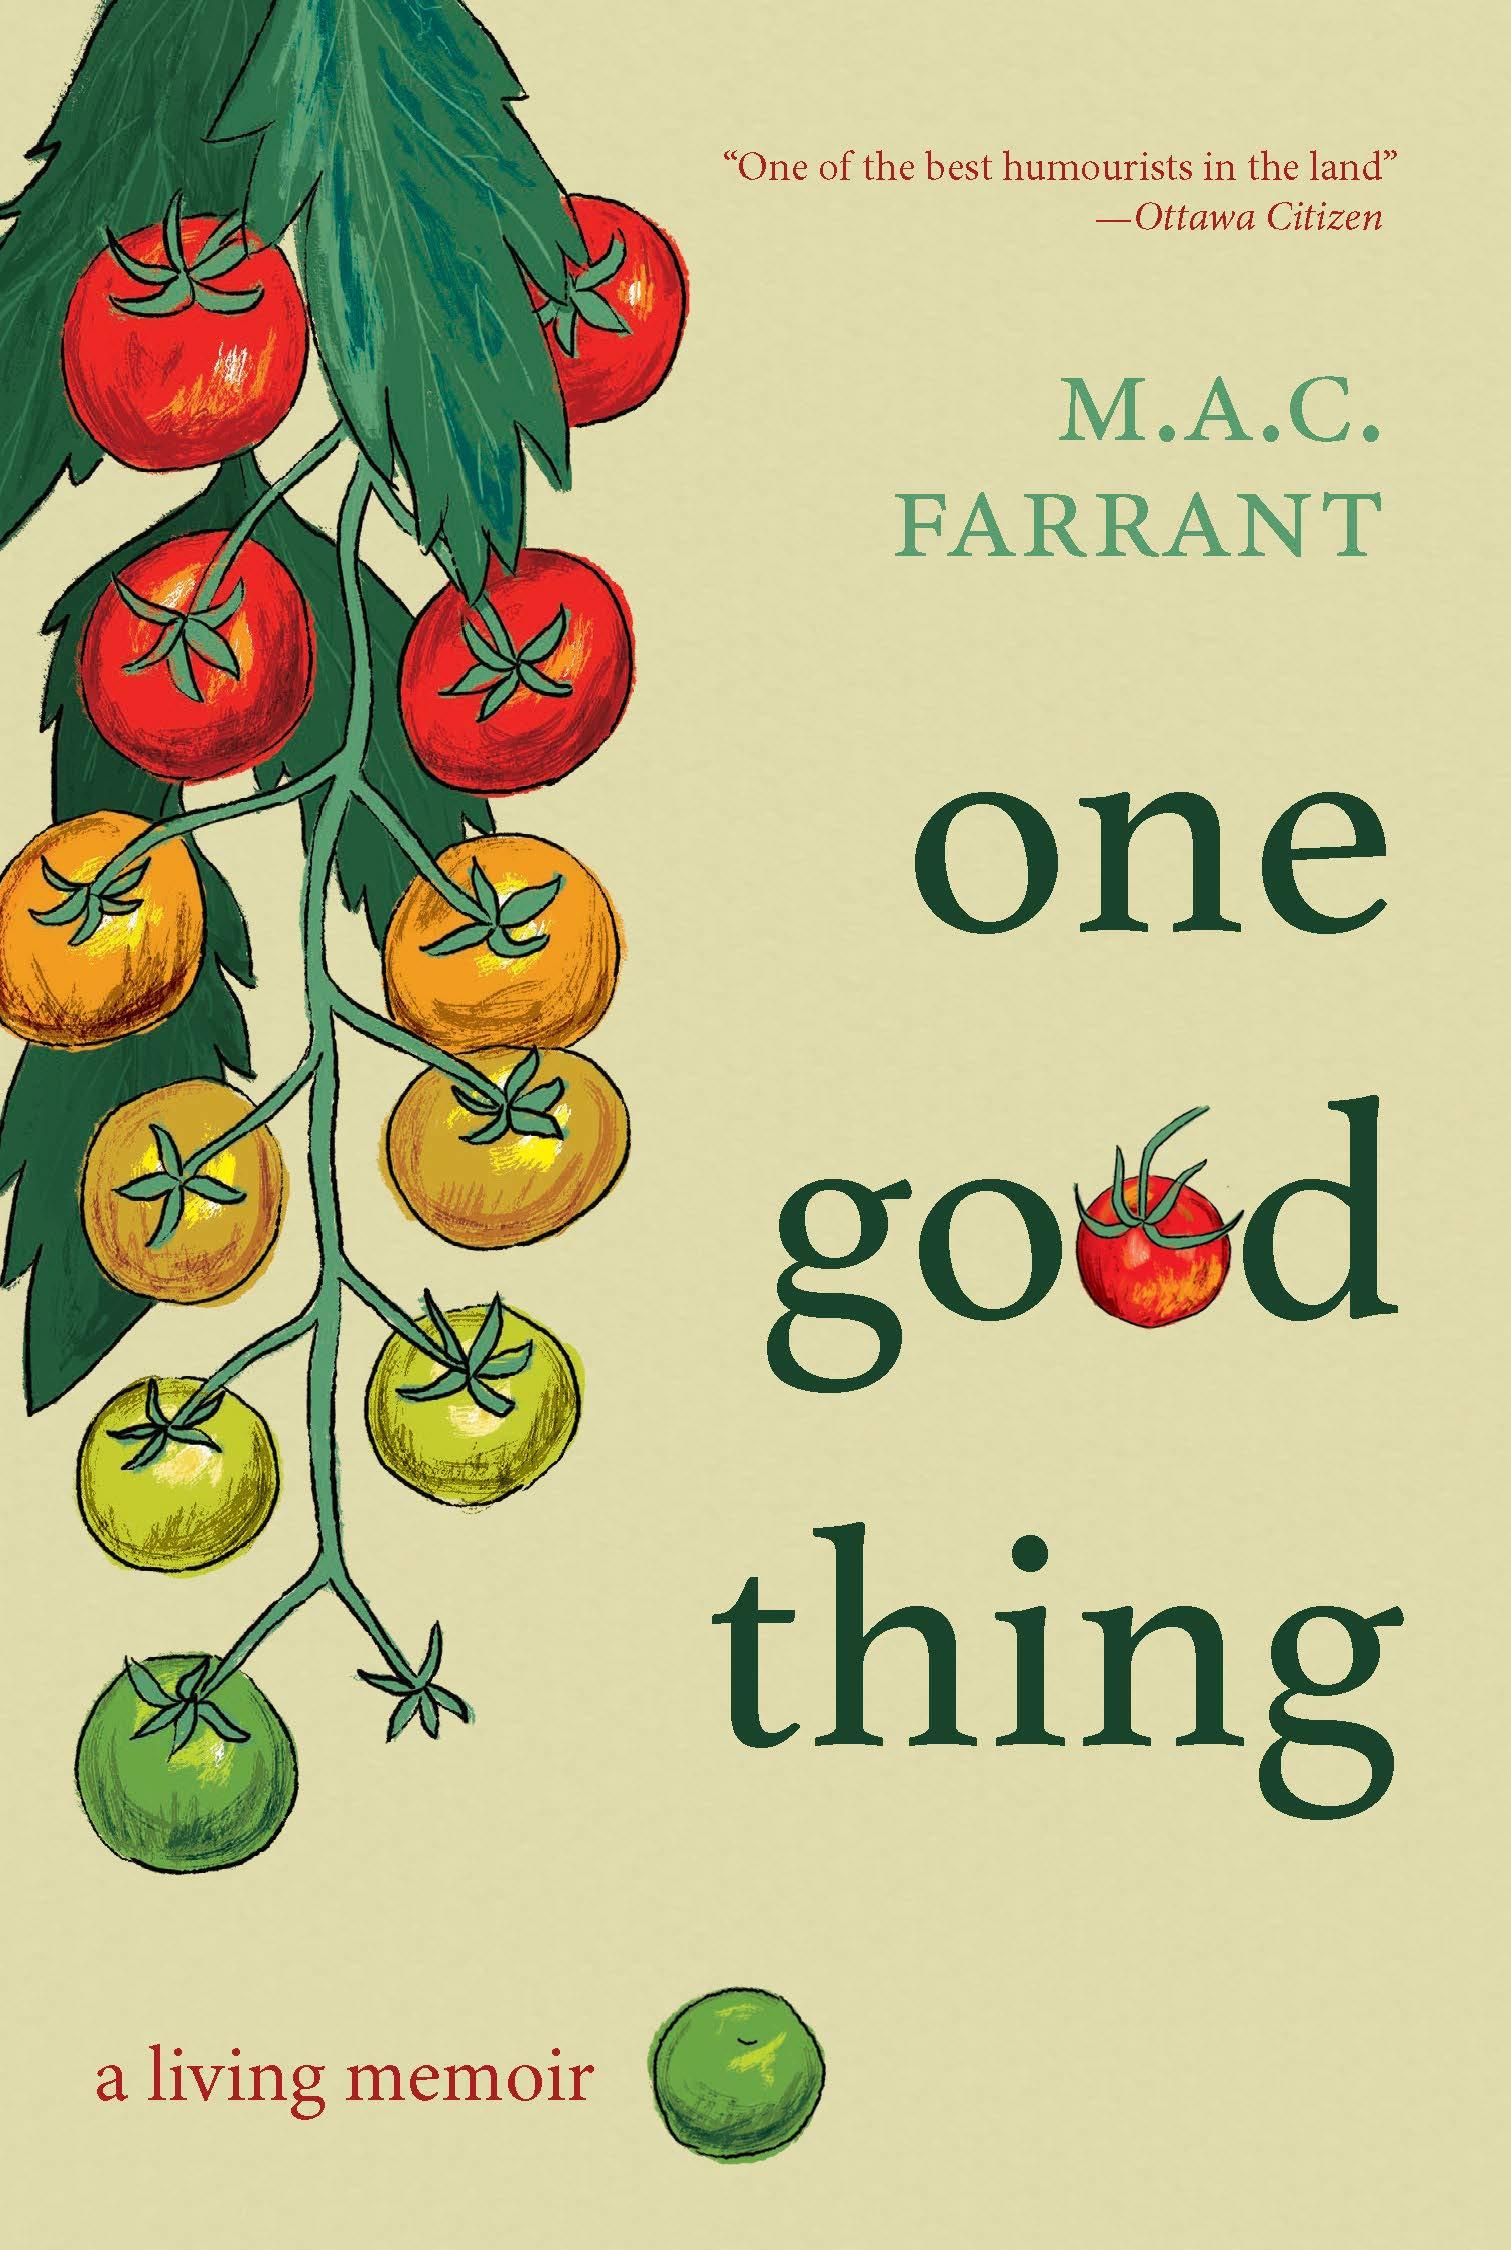 One Good Thing: A Living Memoir: Farrant, M.A.C.: 9781772012842: Books - Amazon.ca